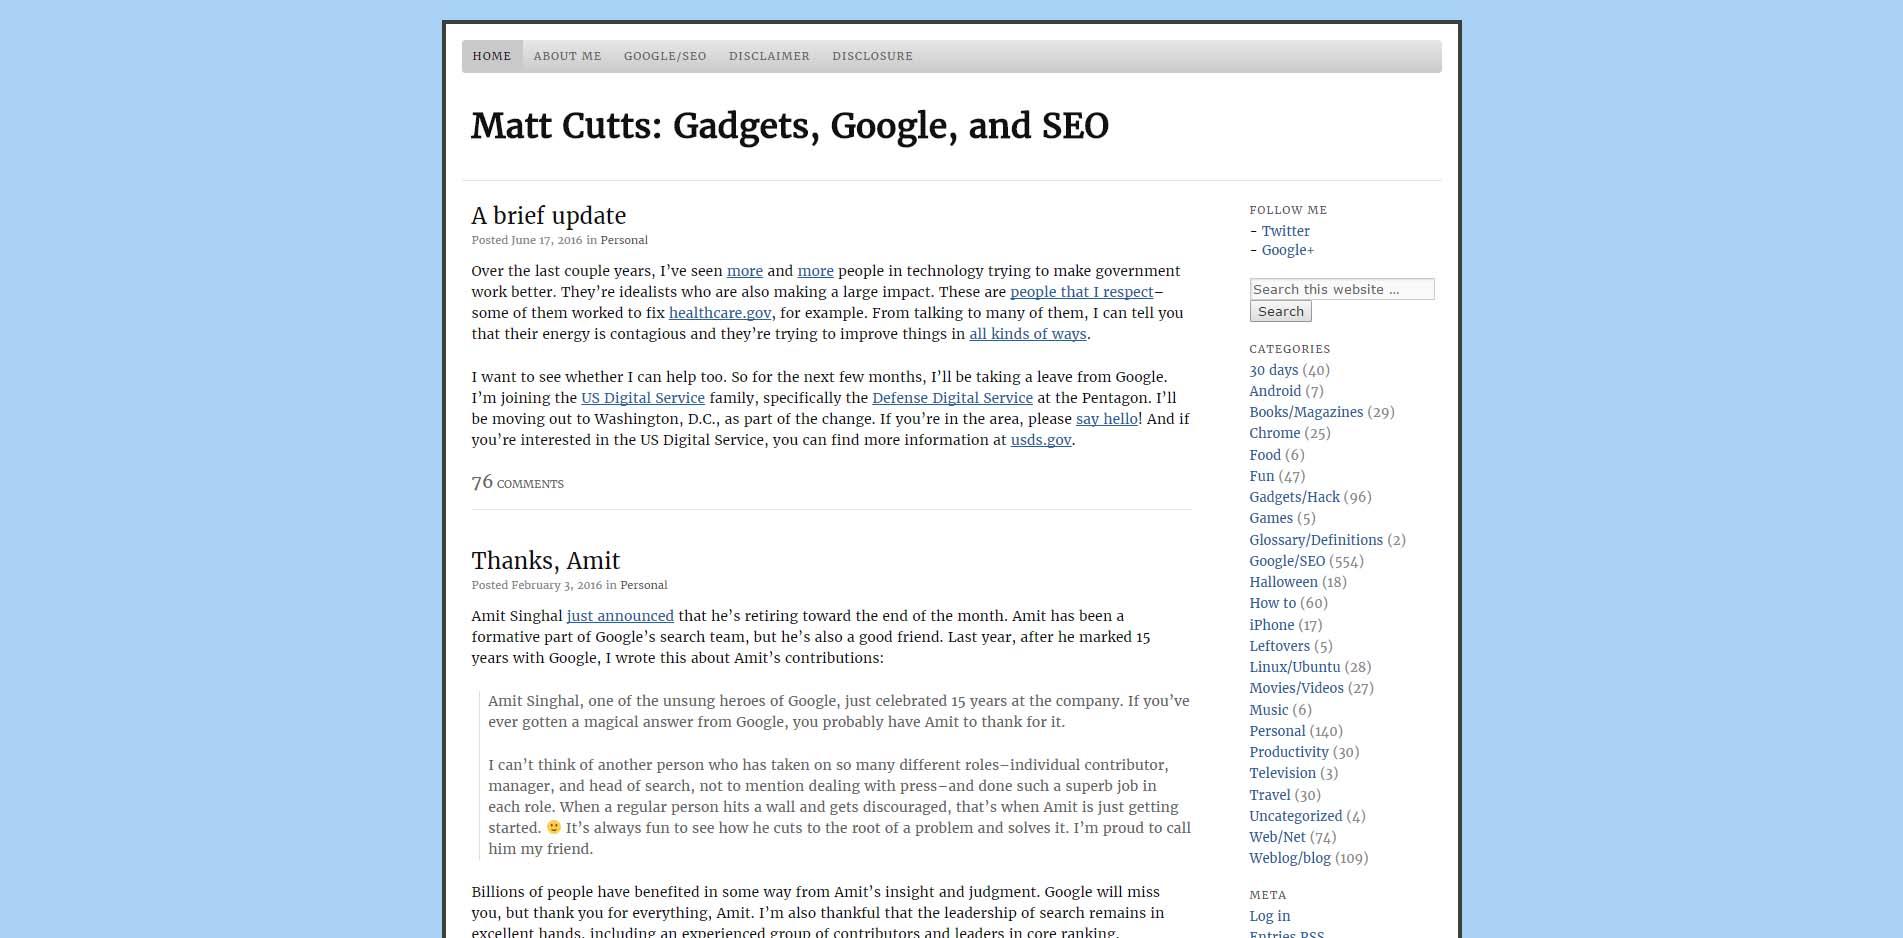 seo-blog-mattcutts-com